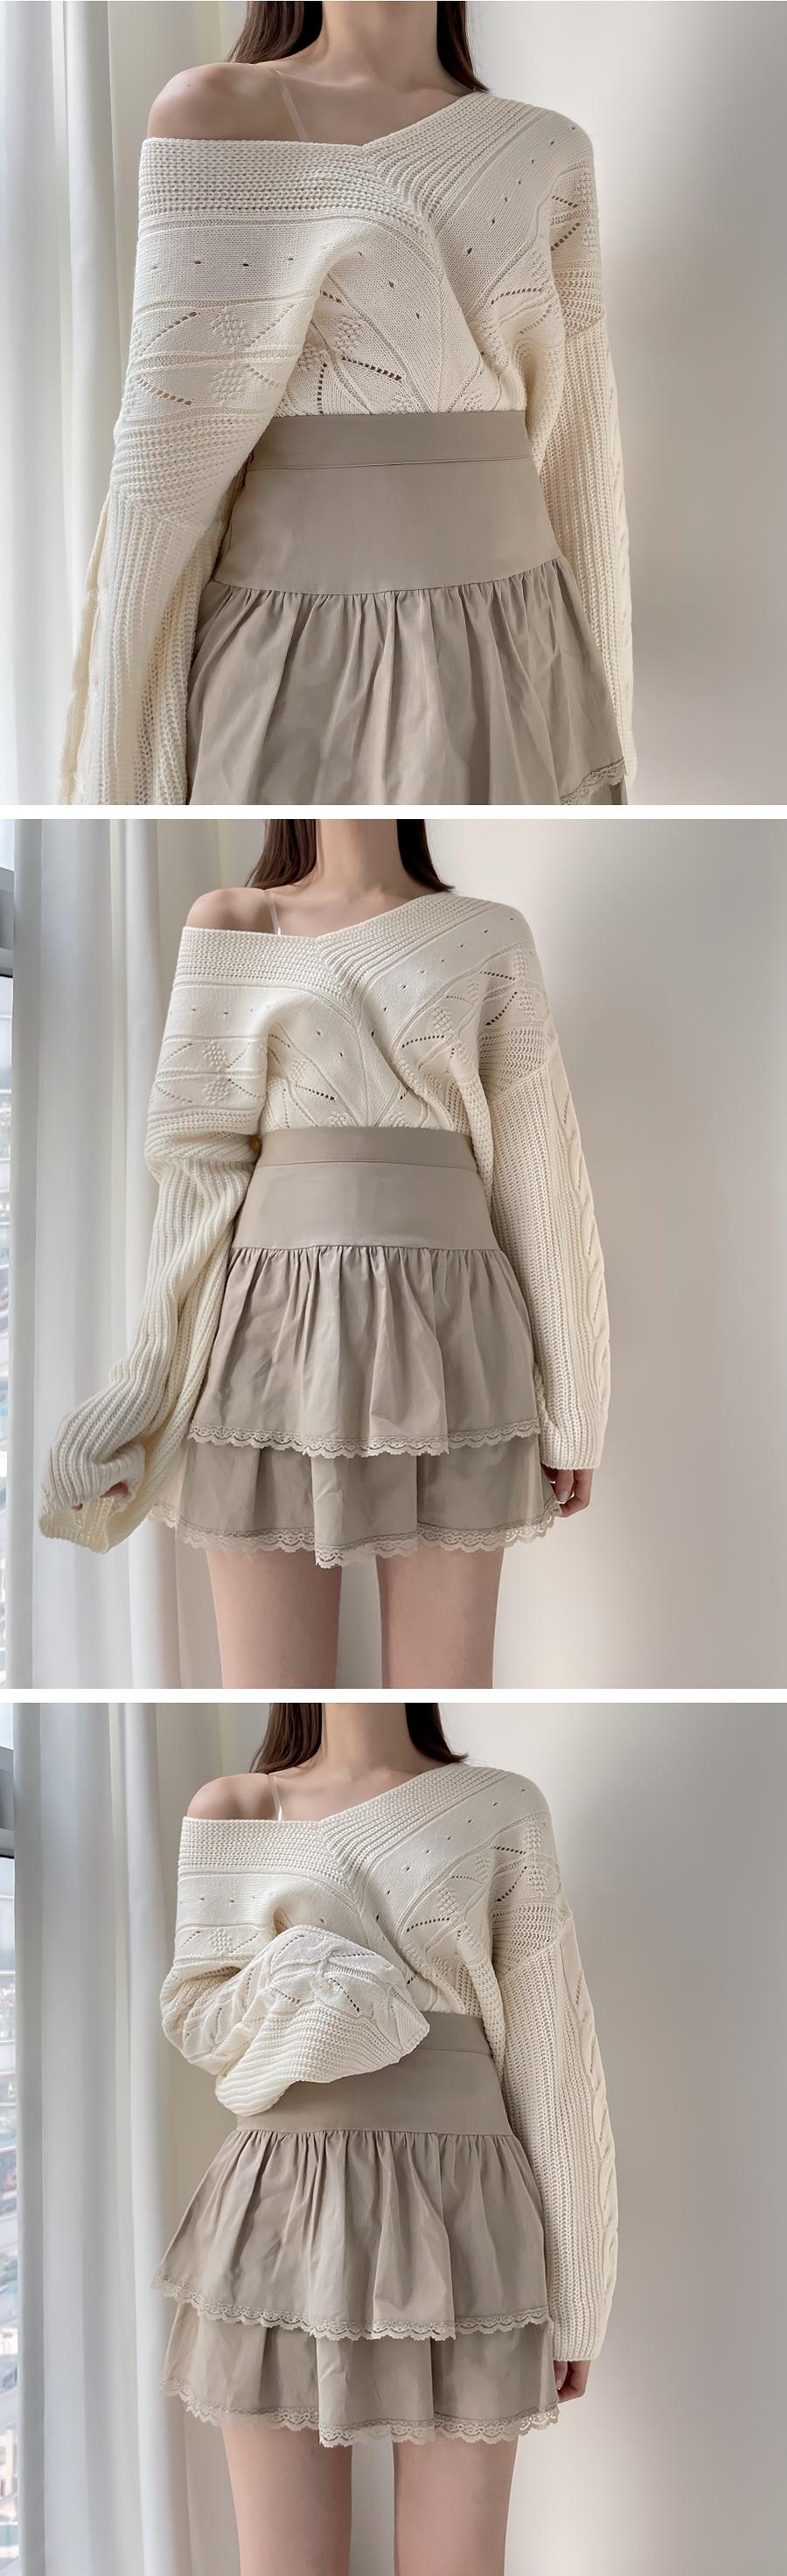 Venus Lace Cancan Skirt 3color